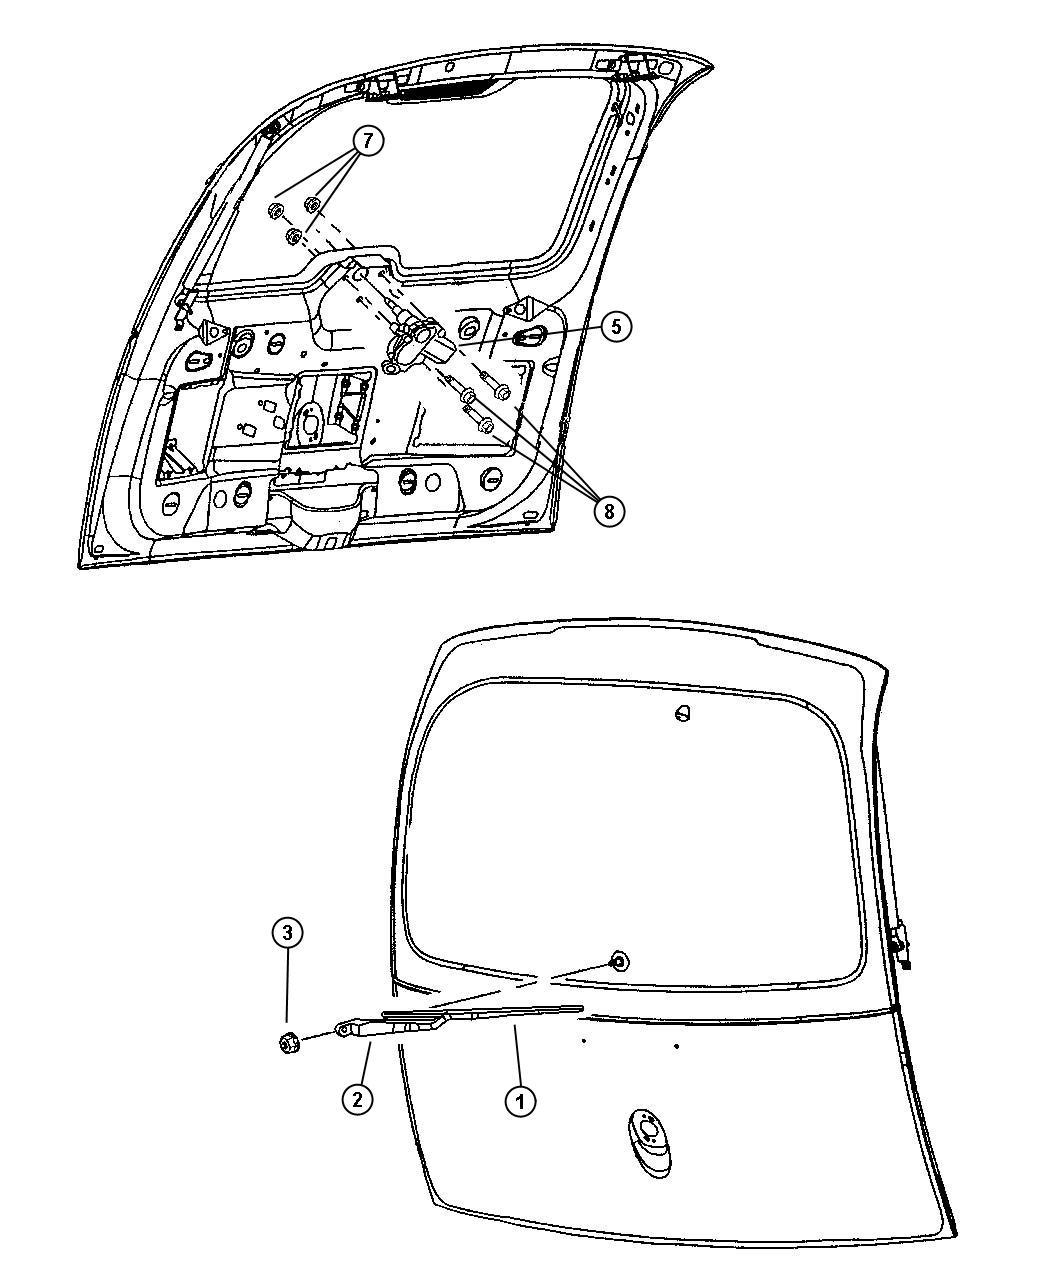 2007 Dodge Caravan Arm. Liftgate wiper. Up to 04/22/02